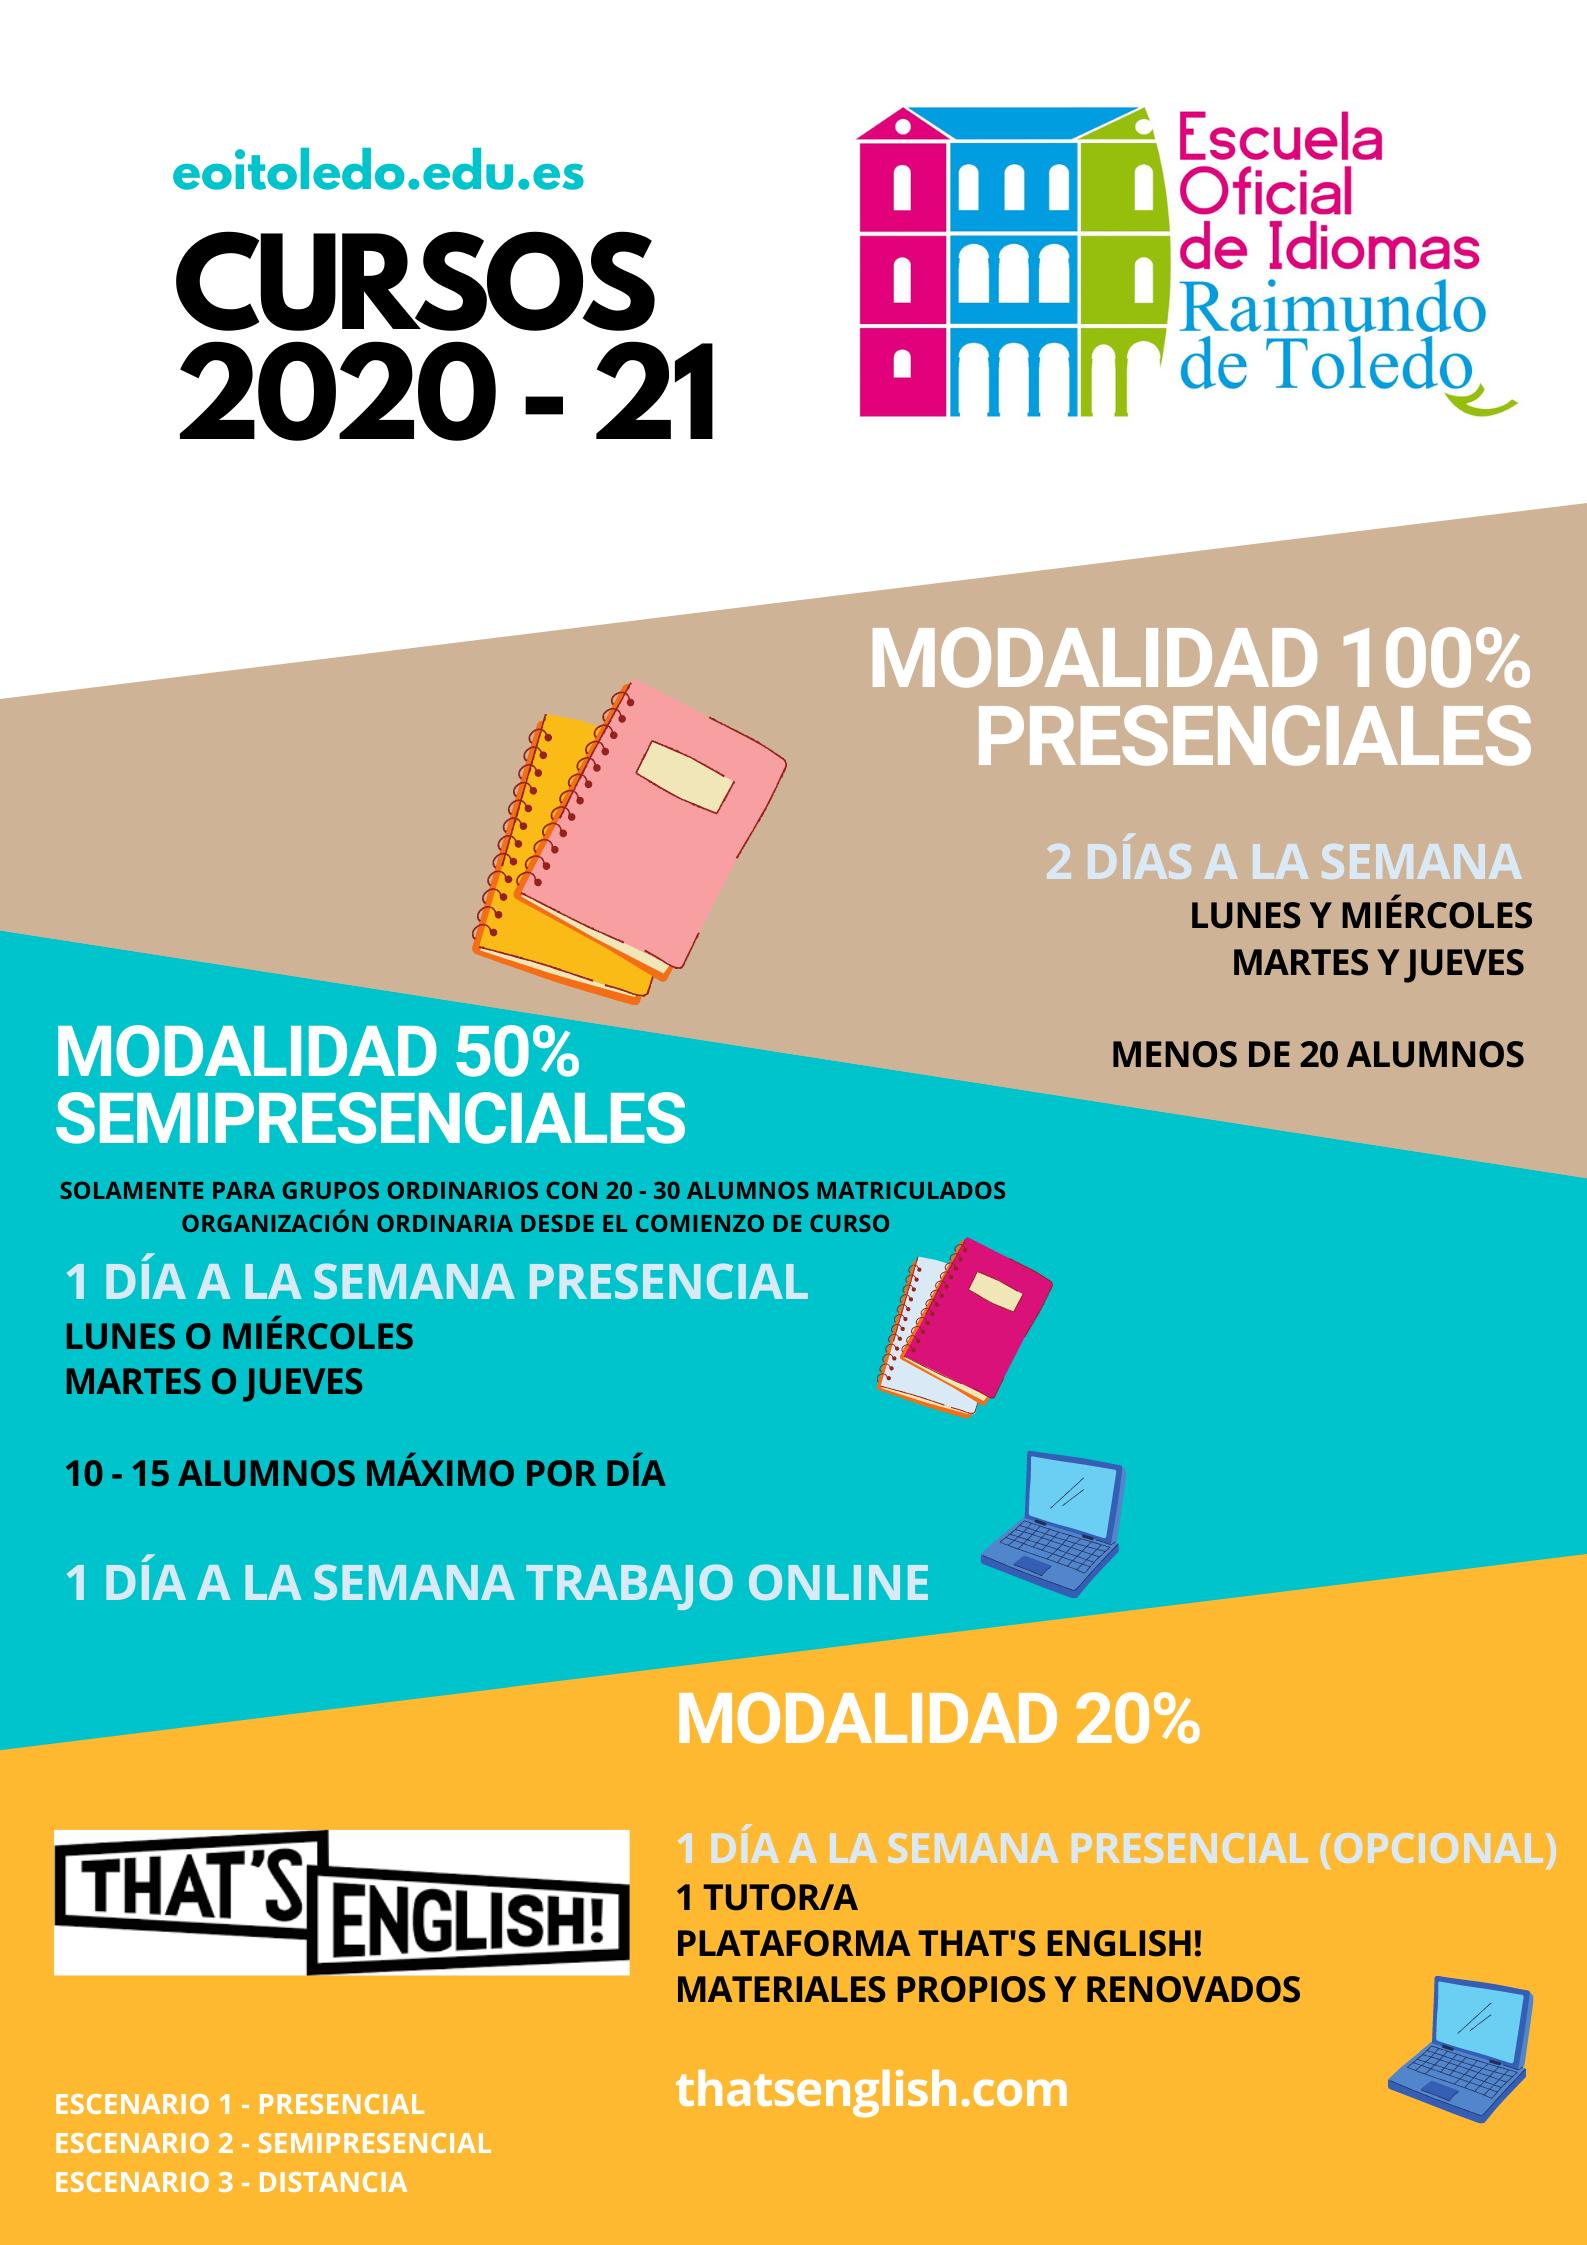 StopTheSpread - Modalidades de enseñanza / aprendizaje - Curso 2020 - 21